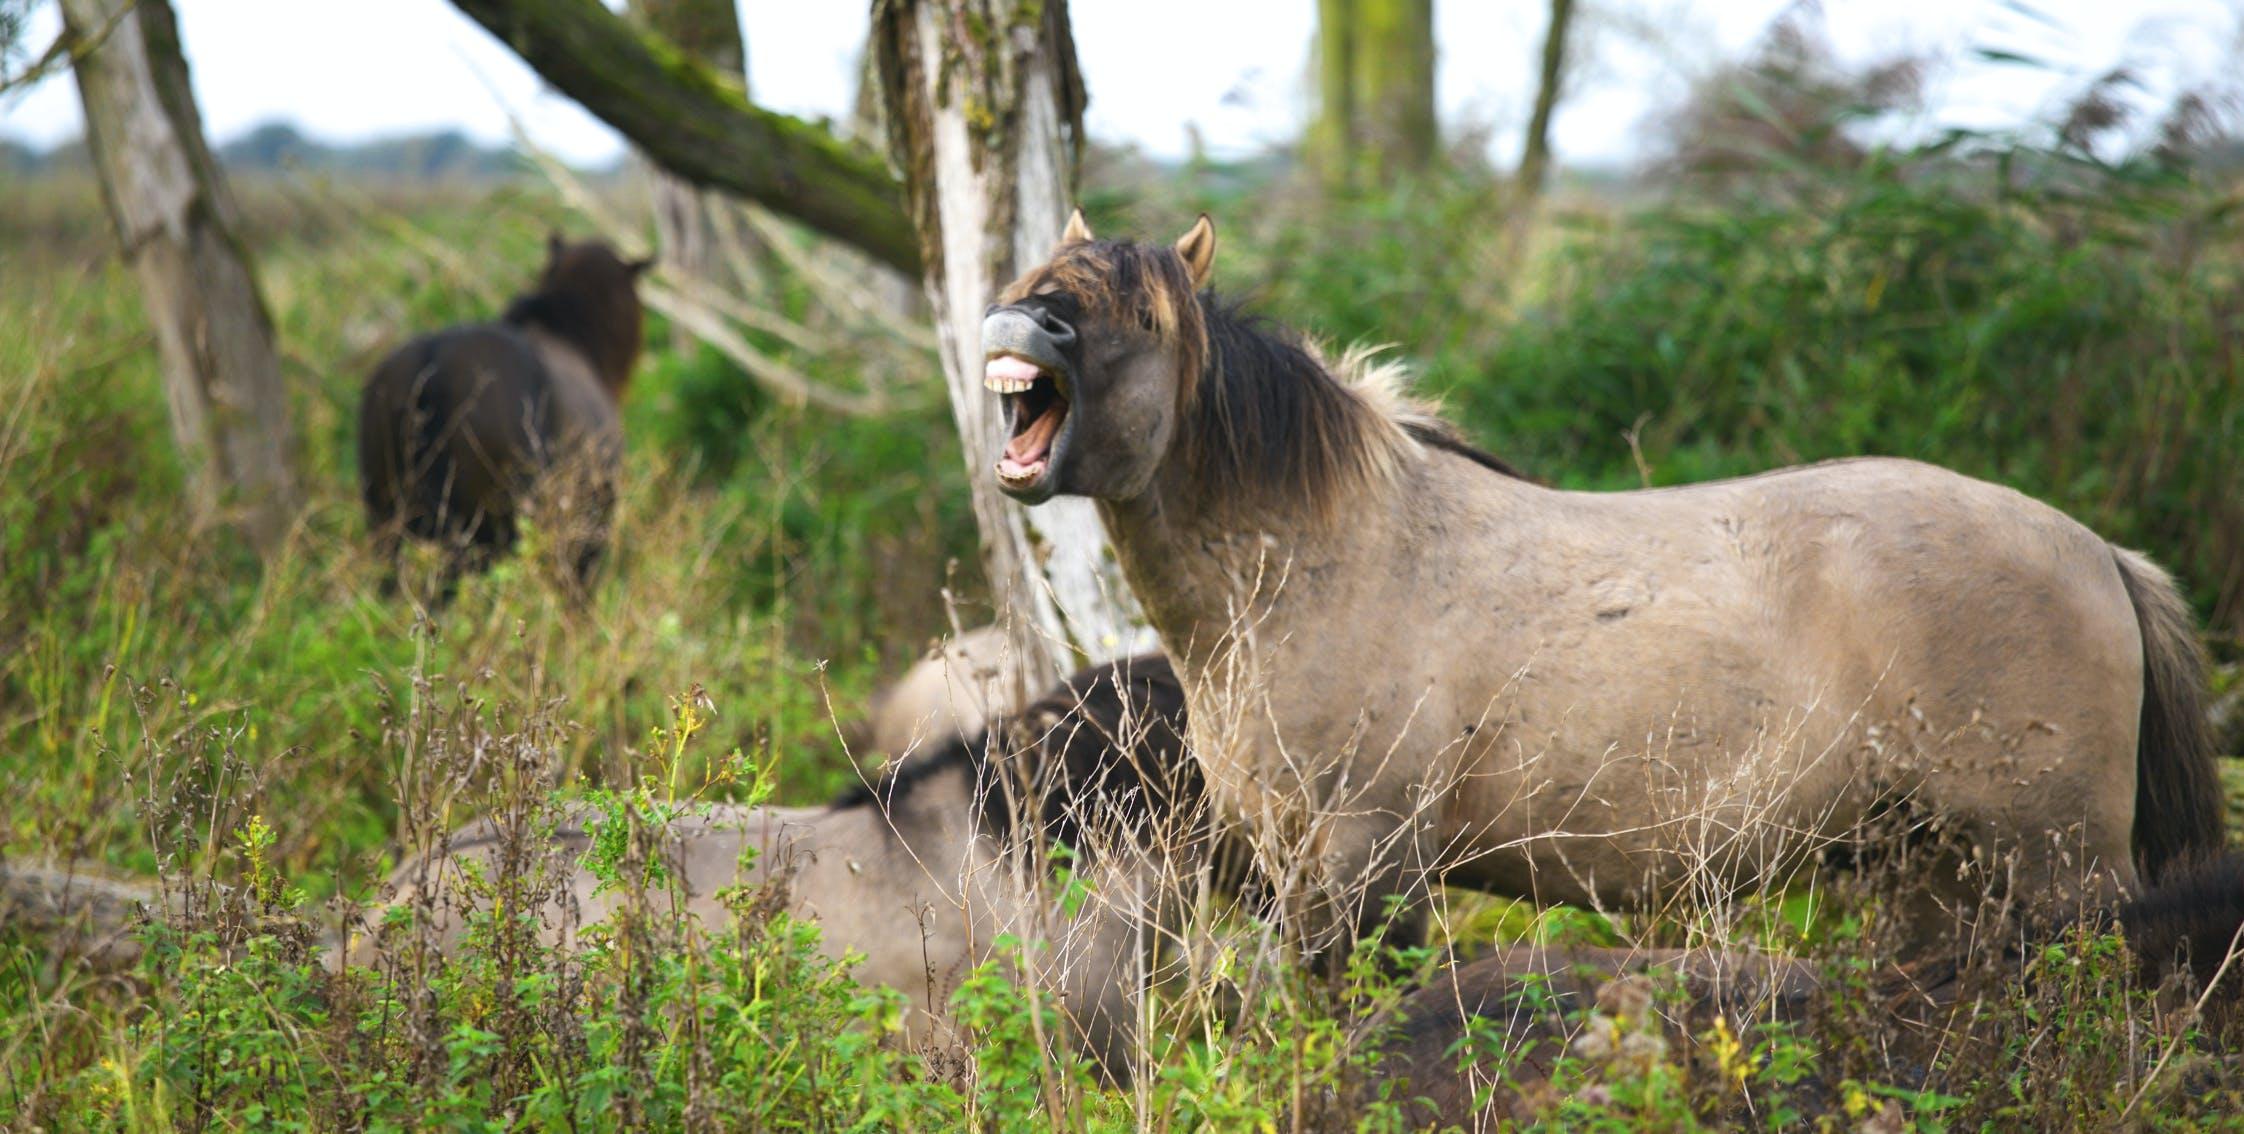 animals, horses, nature